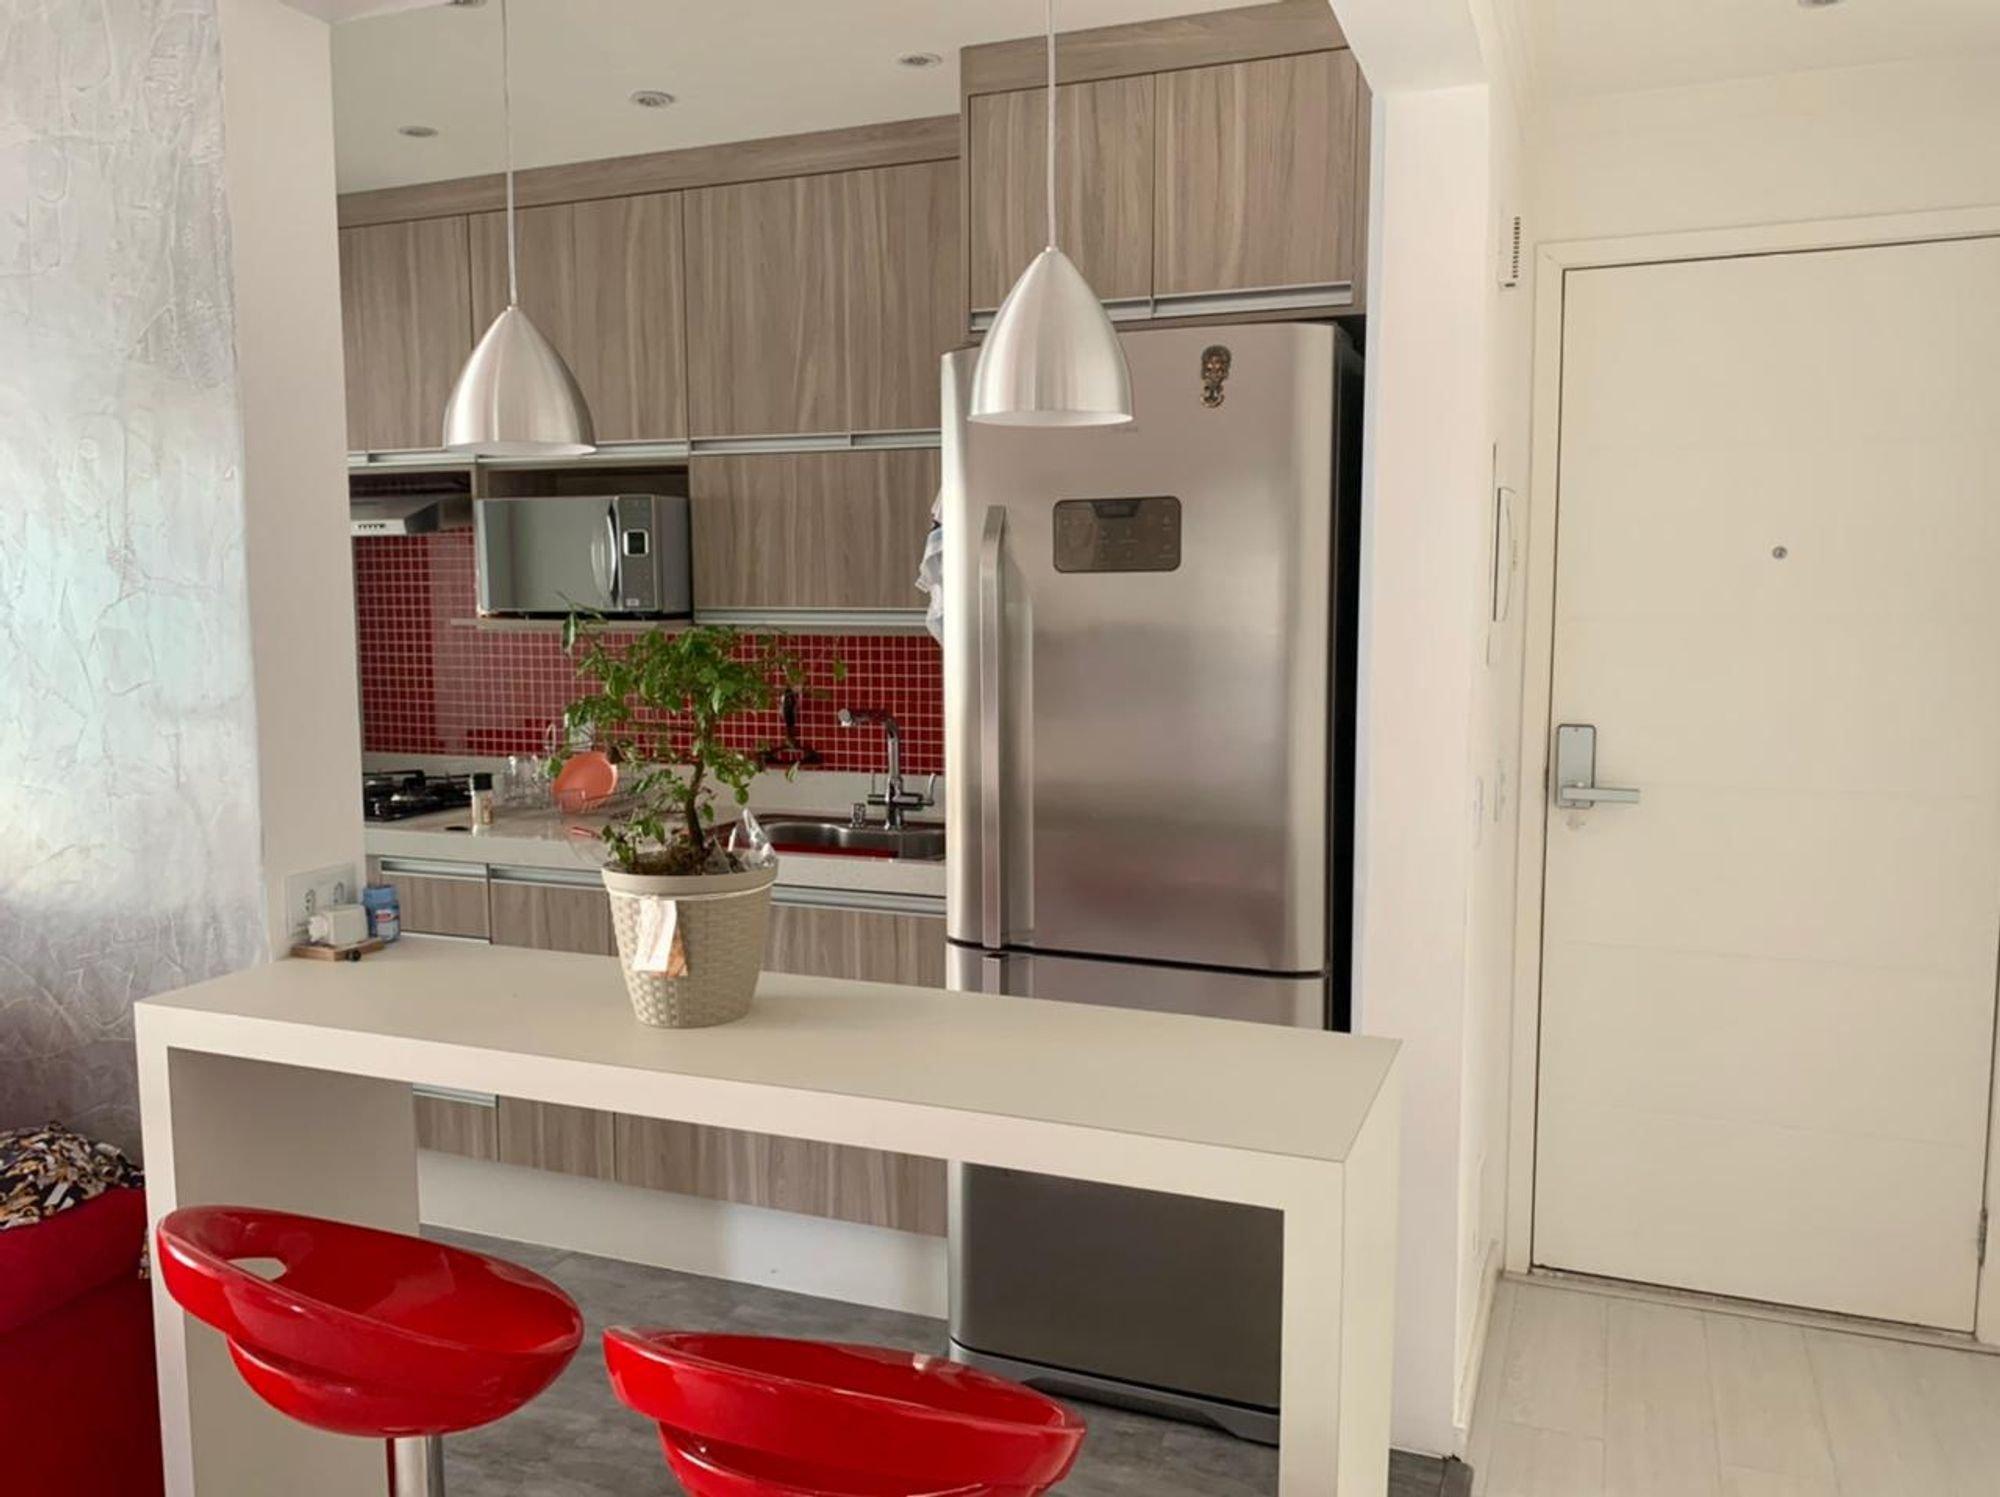 Foto de Cozinha com vaso de planta, tigela, geladeira, cadeira